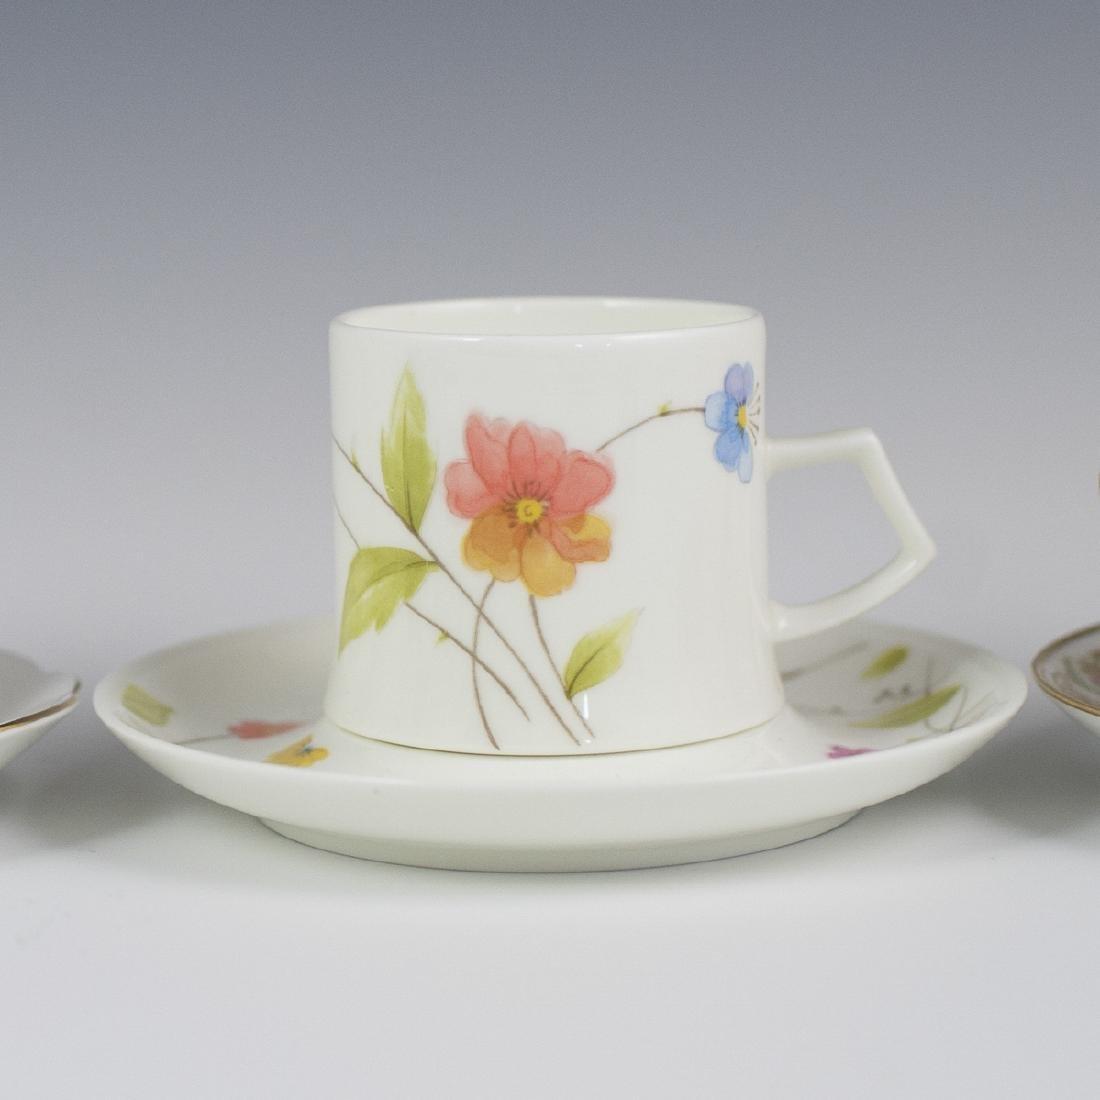 Vintage Porcelain Demitasse Cups - 8